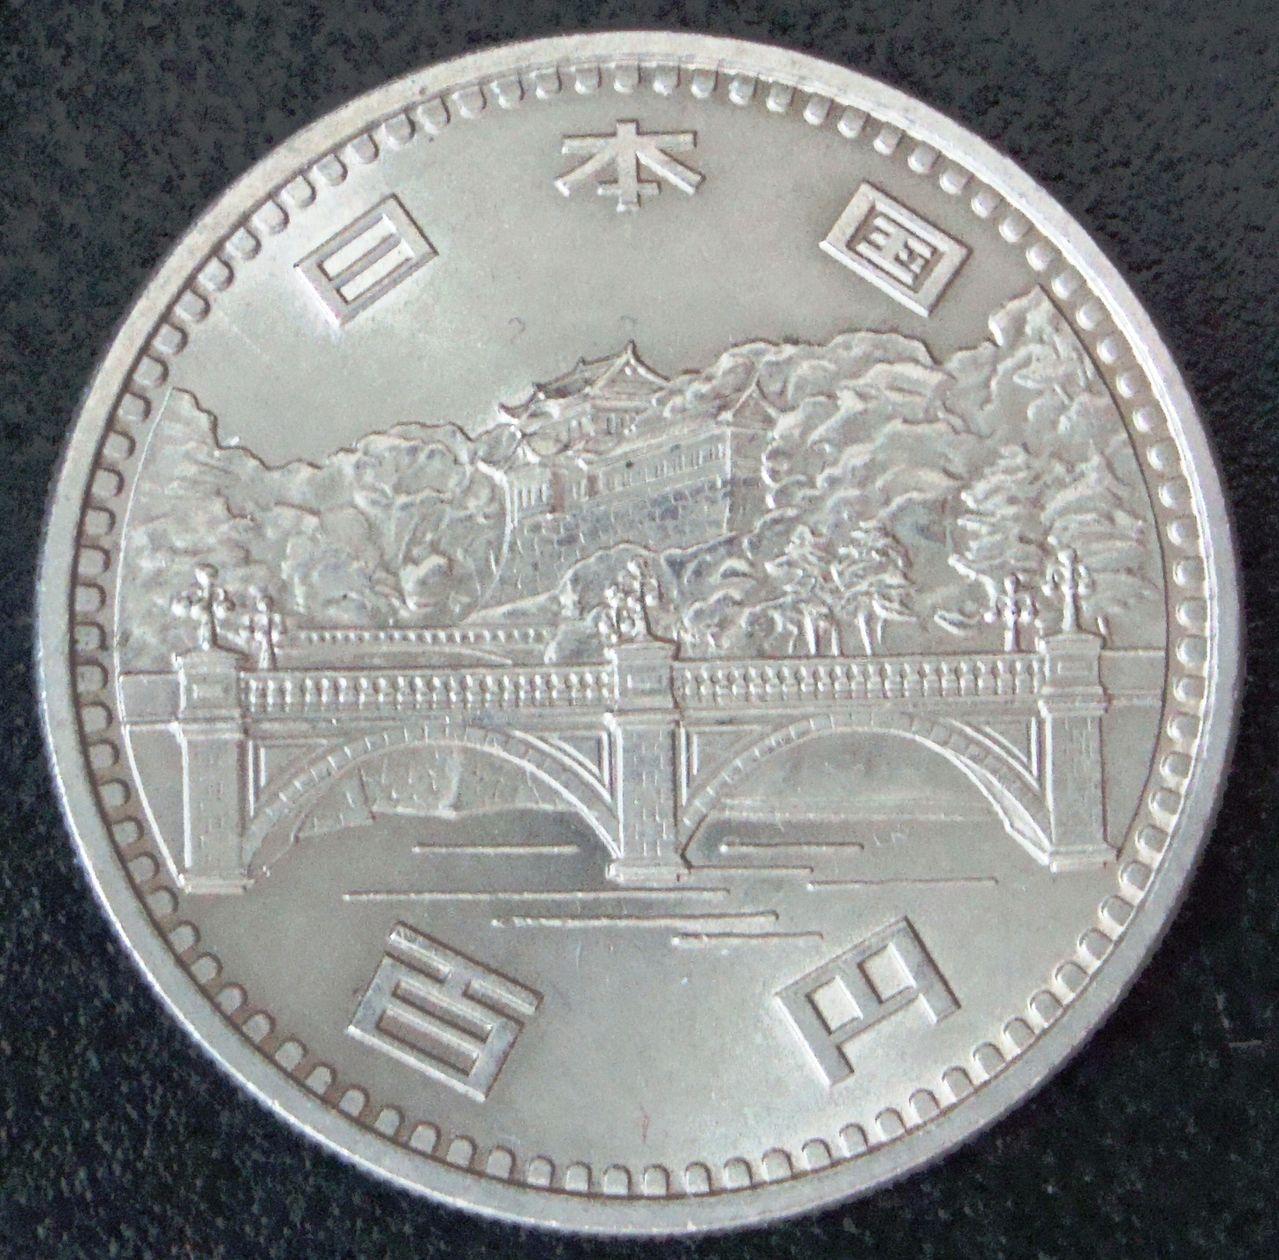 100 Yen. Japón (50 Aniversario de Hirohito) JAP_100_Yen_50_Aniversario_de_Hirohito_anv